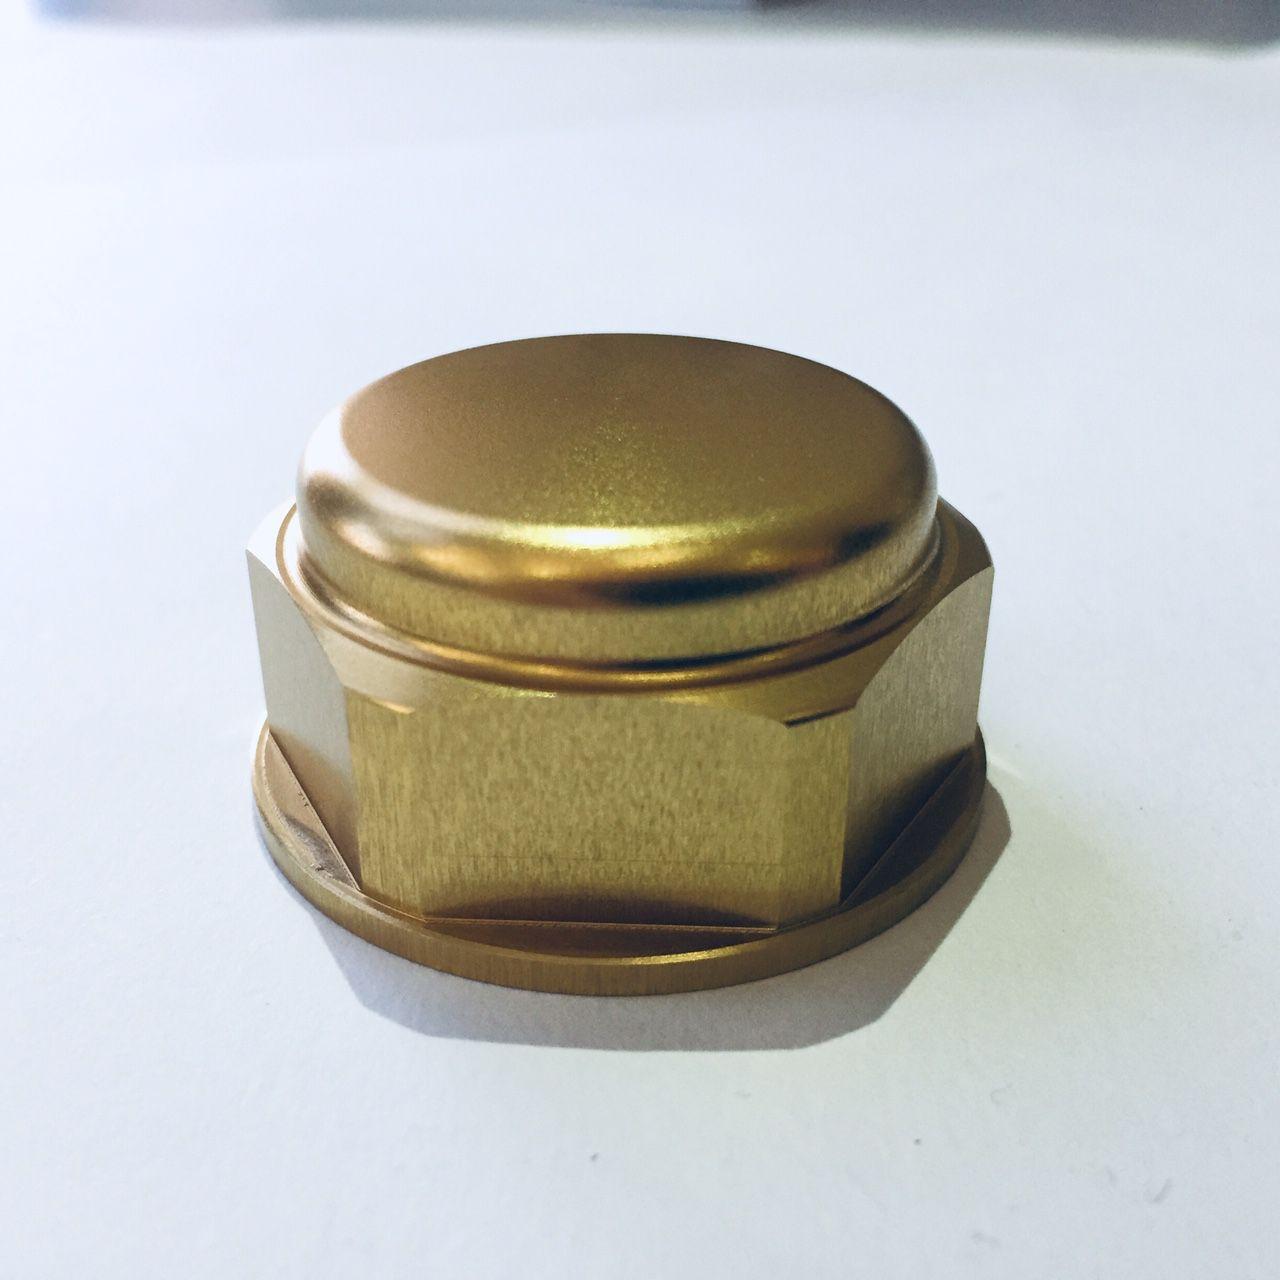 Porca central da mesa 28mm x 1.00mm Fechada Dourado